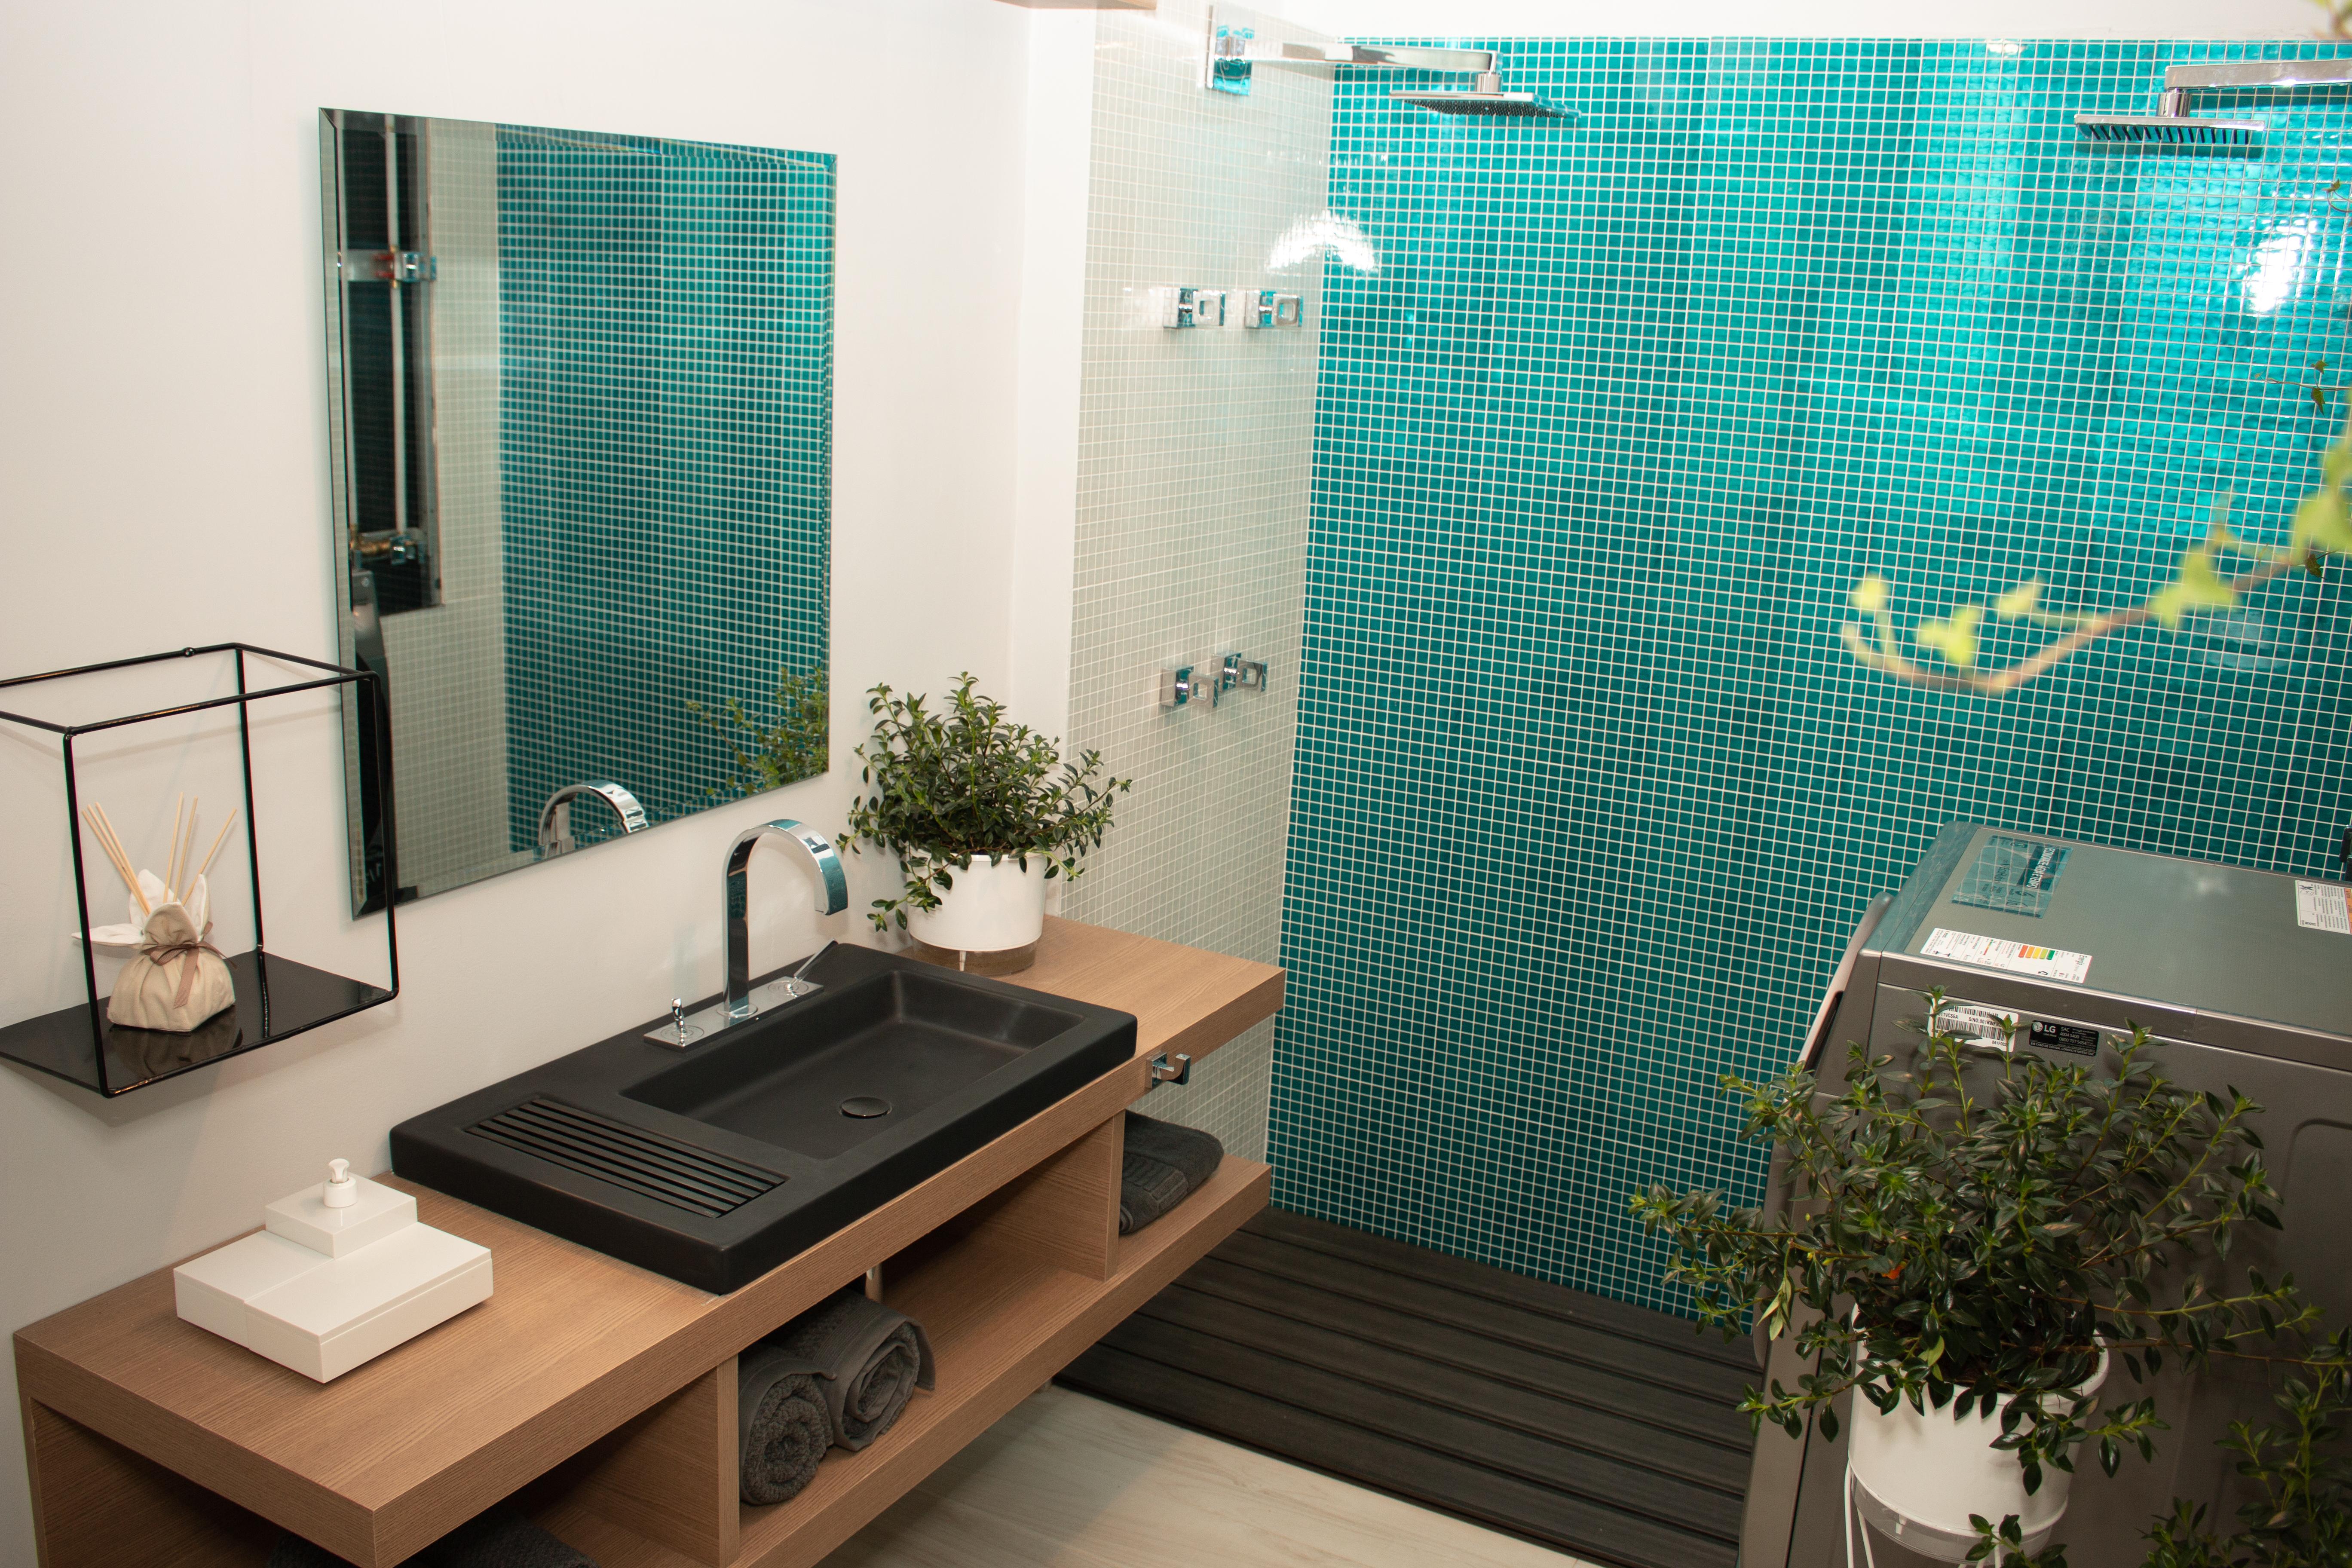 A Leroy Merlin montou uma Casa Sustentável com dicas de arquitetura e decoração ecologicamente corretas para todos os cômodos: conheça o projeto